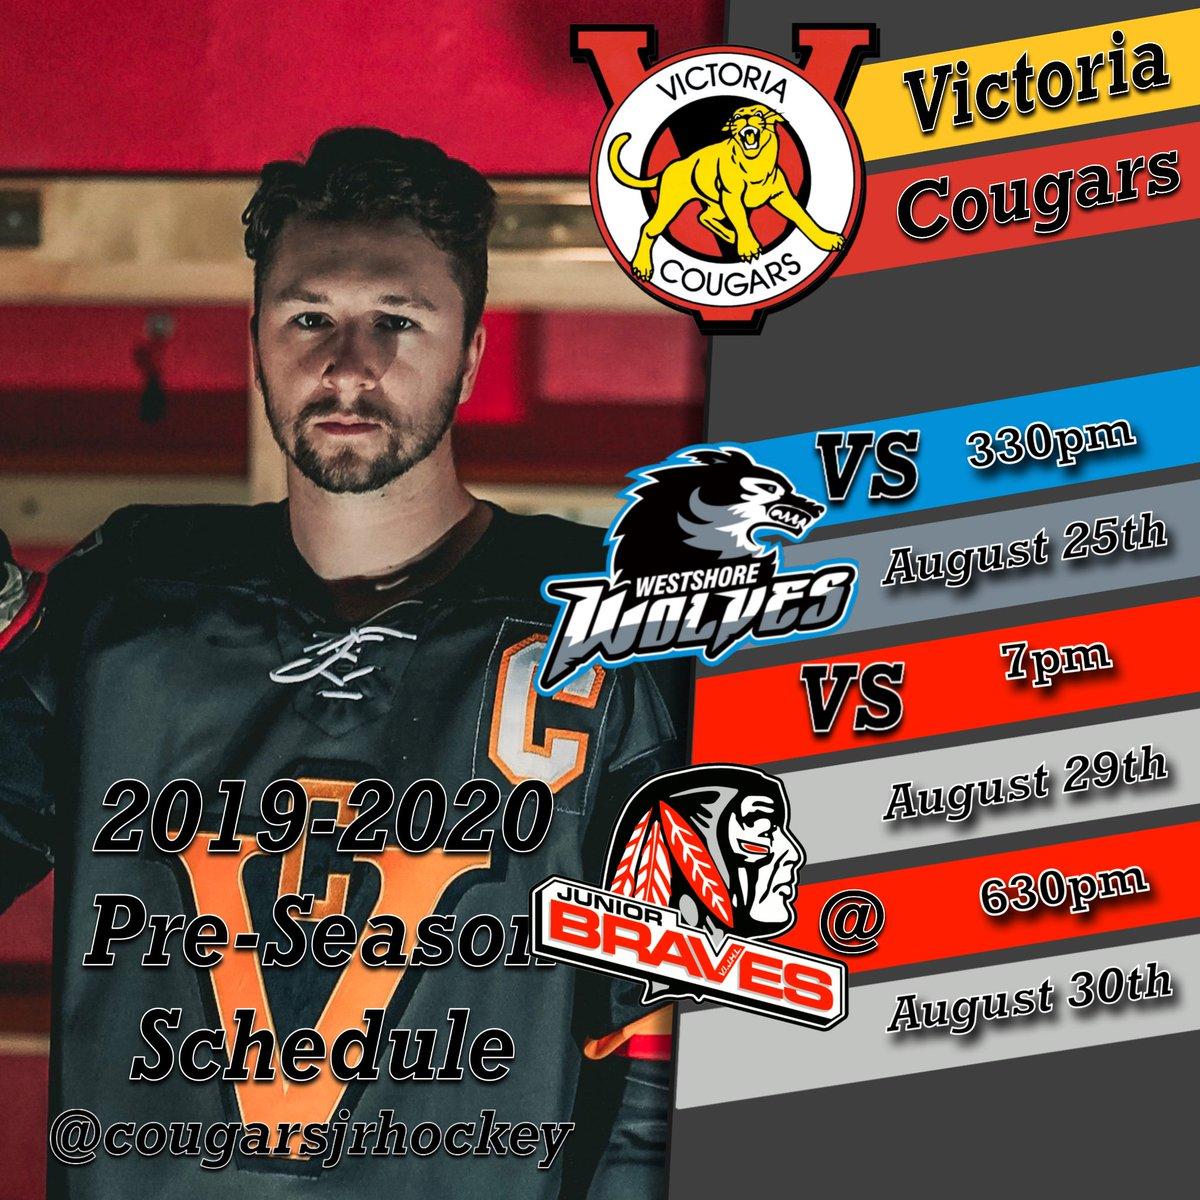 CougarsJrHockey photo